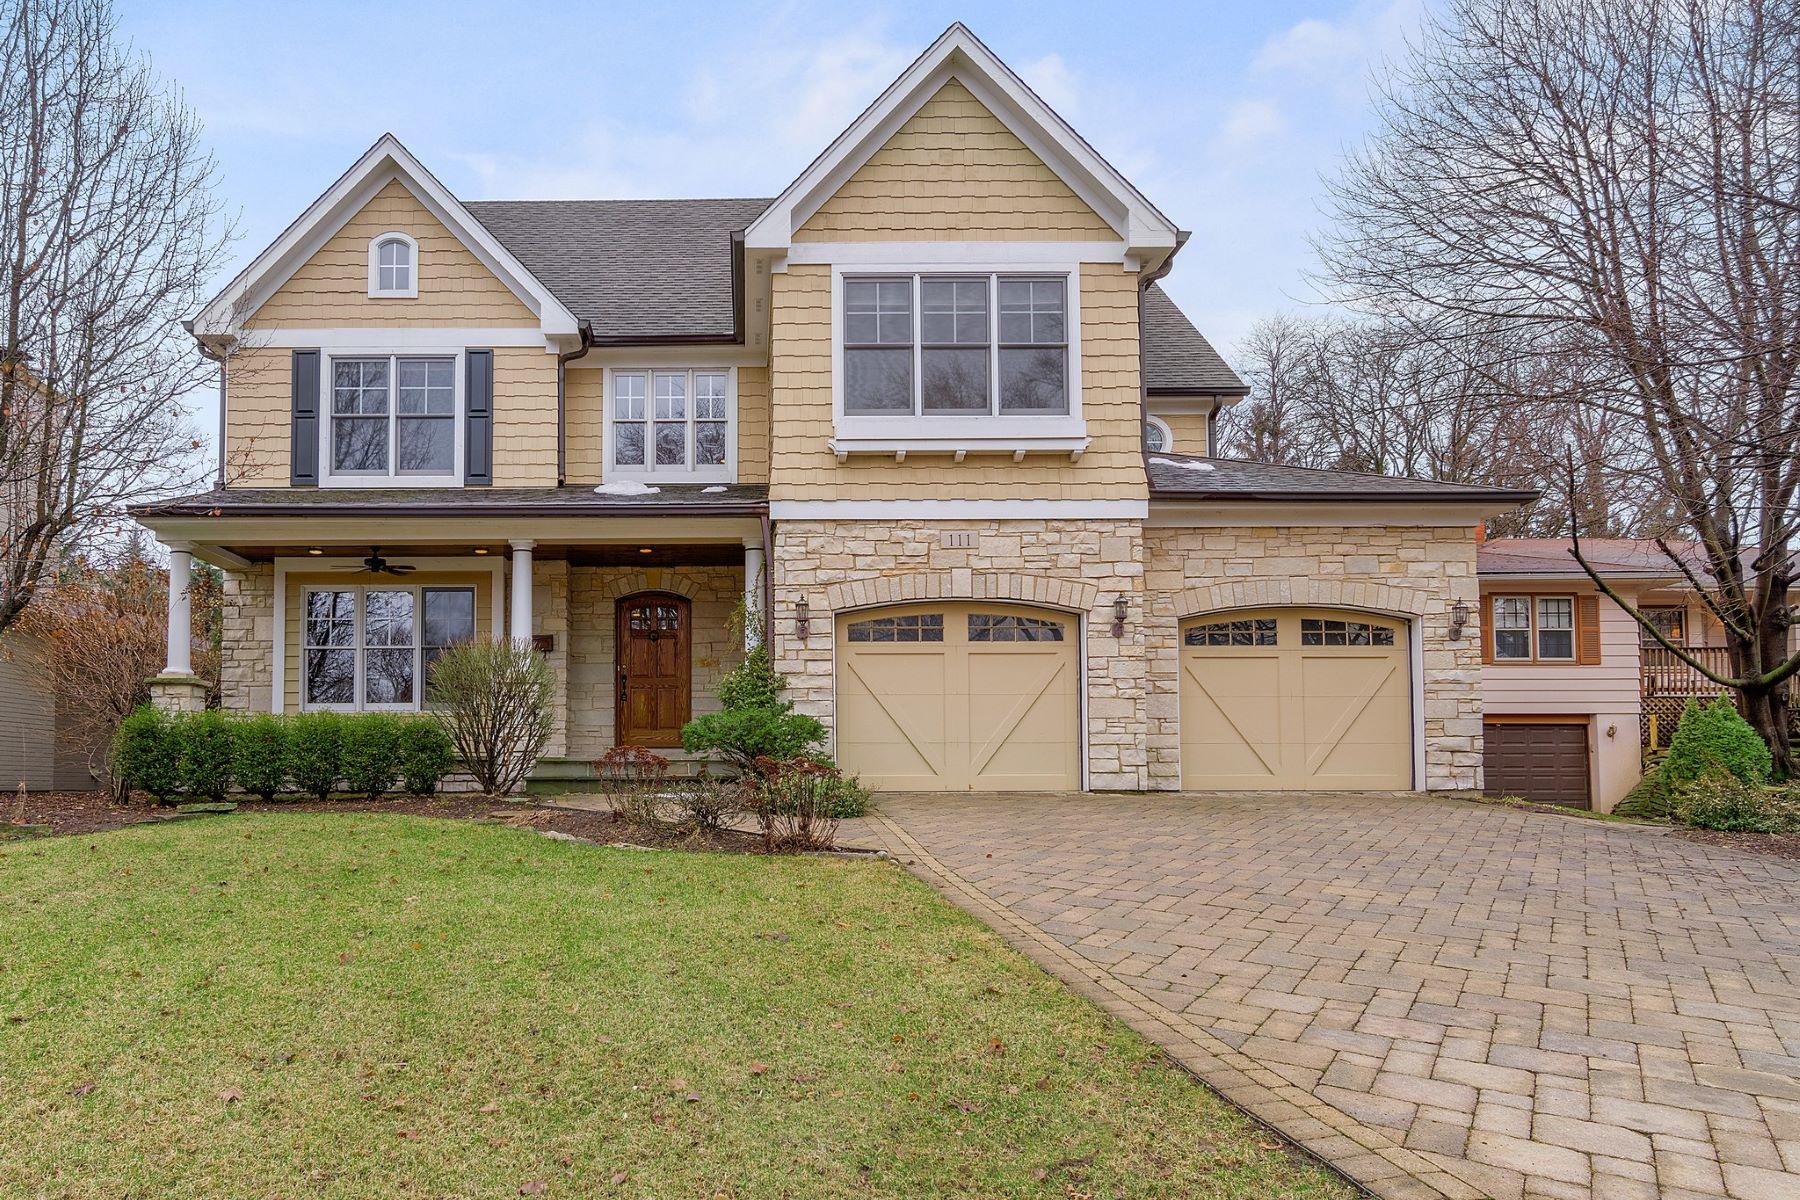 Villa per Vendita alle ore 111 ANN ST Clarendon Hills, Illinois, 60514 Stati Uniti